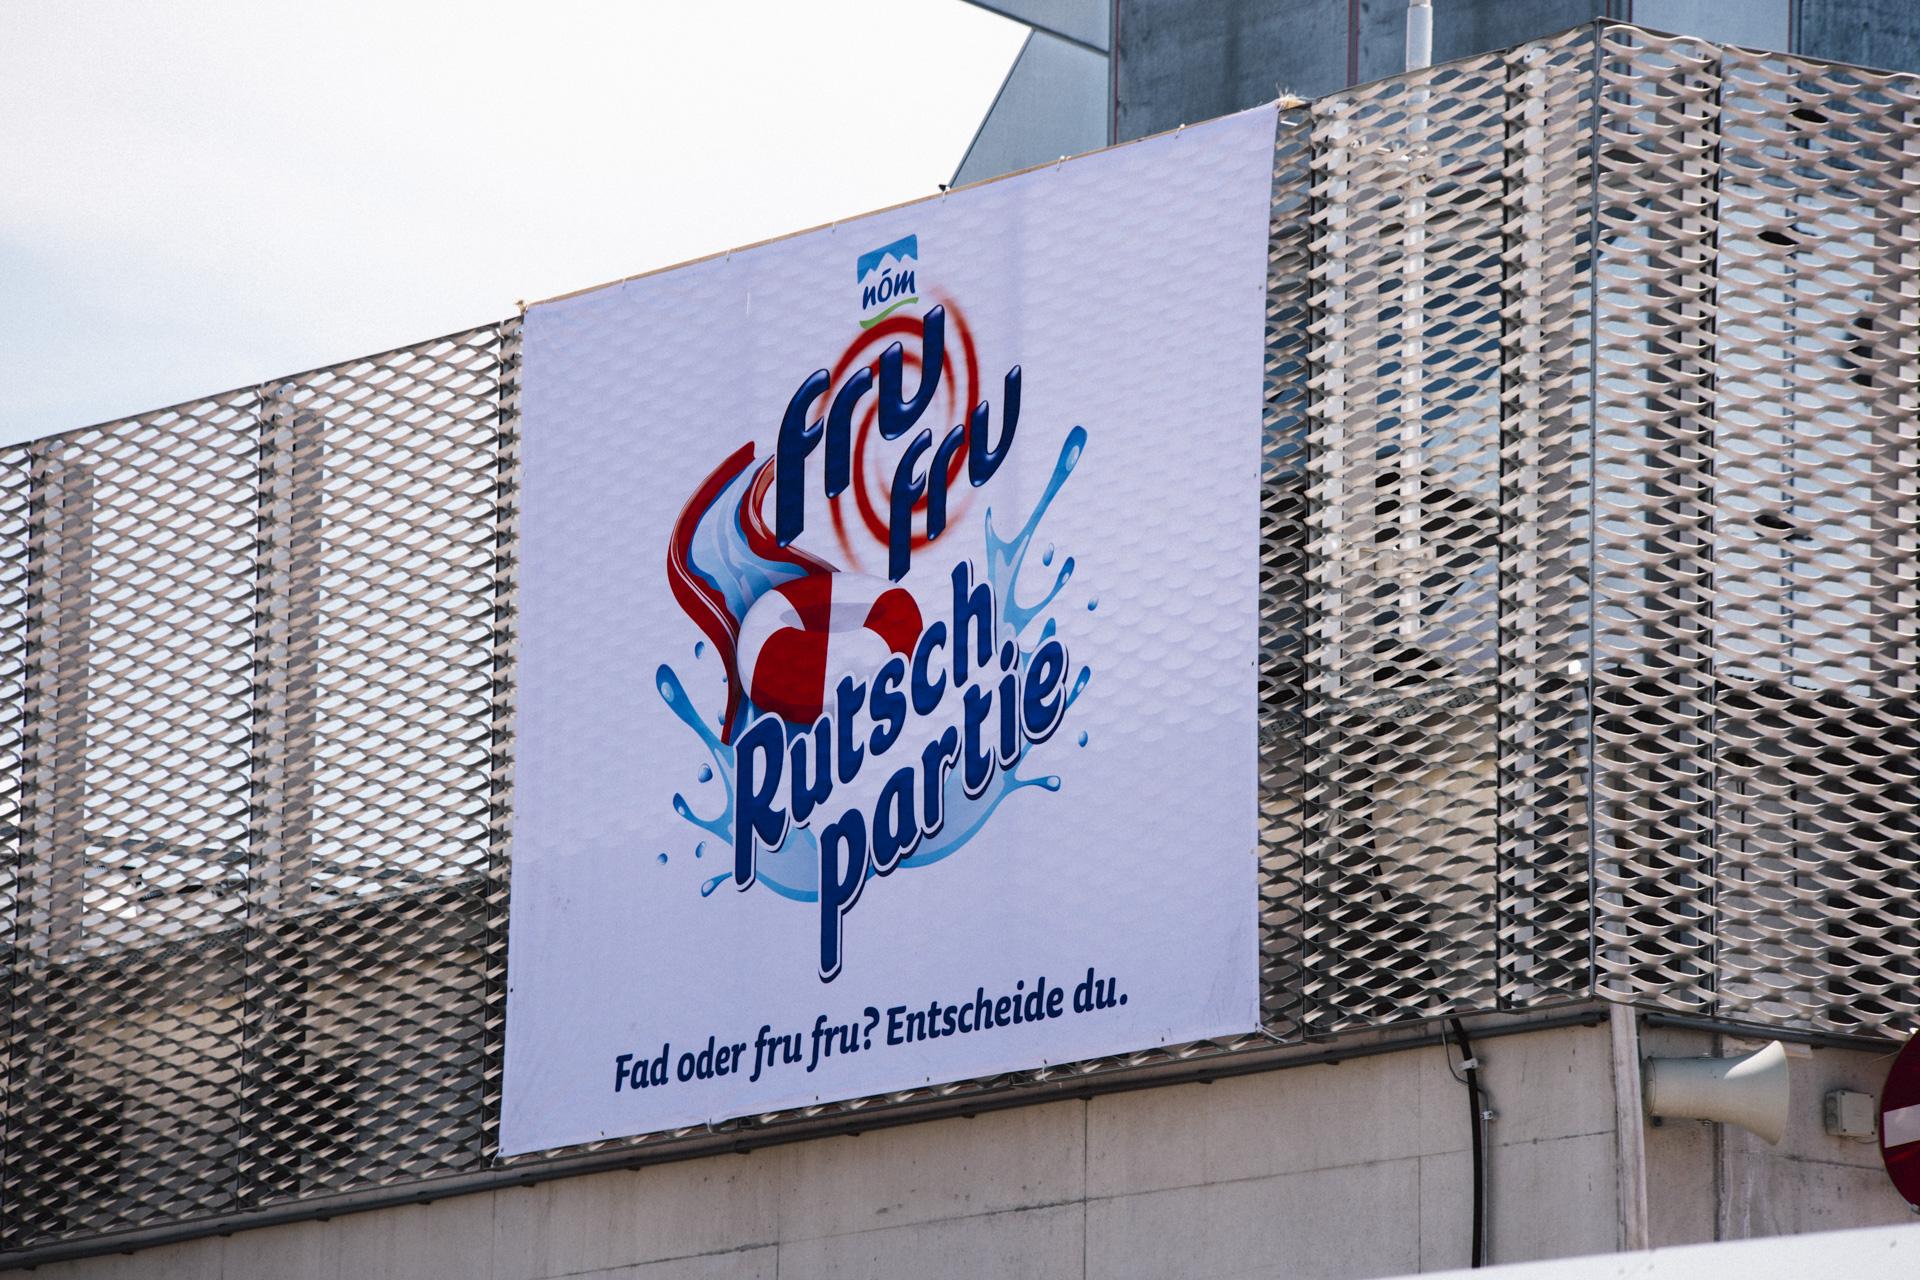 Fru Fru Rutschpartie 2018 @ Fischapark Wiener Neustadt